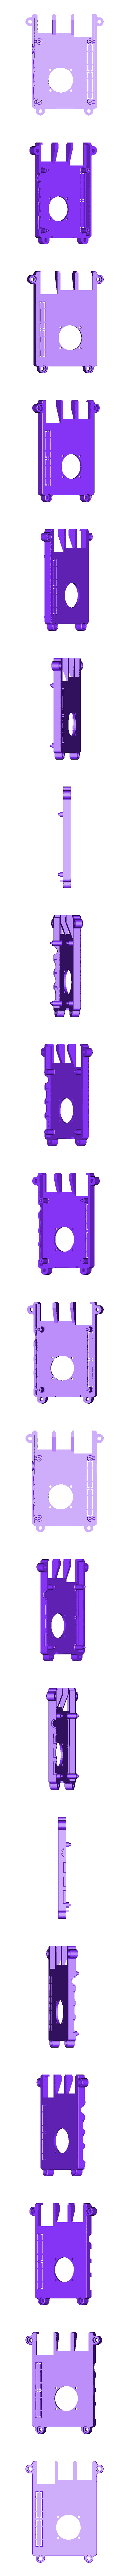 SLIM_25MM_BLANK.STL Télécharger fichier STL gratuit Étui Pi 4B Framboise Framboise • Objet pour imprimante 3D, mkellsy